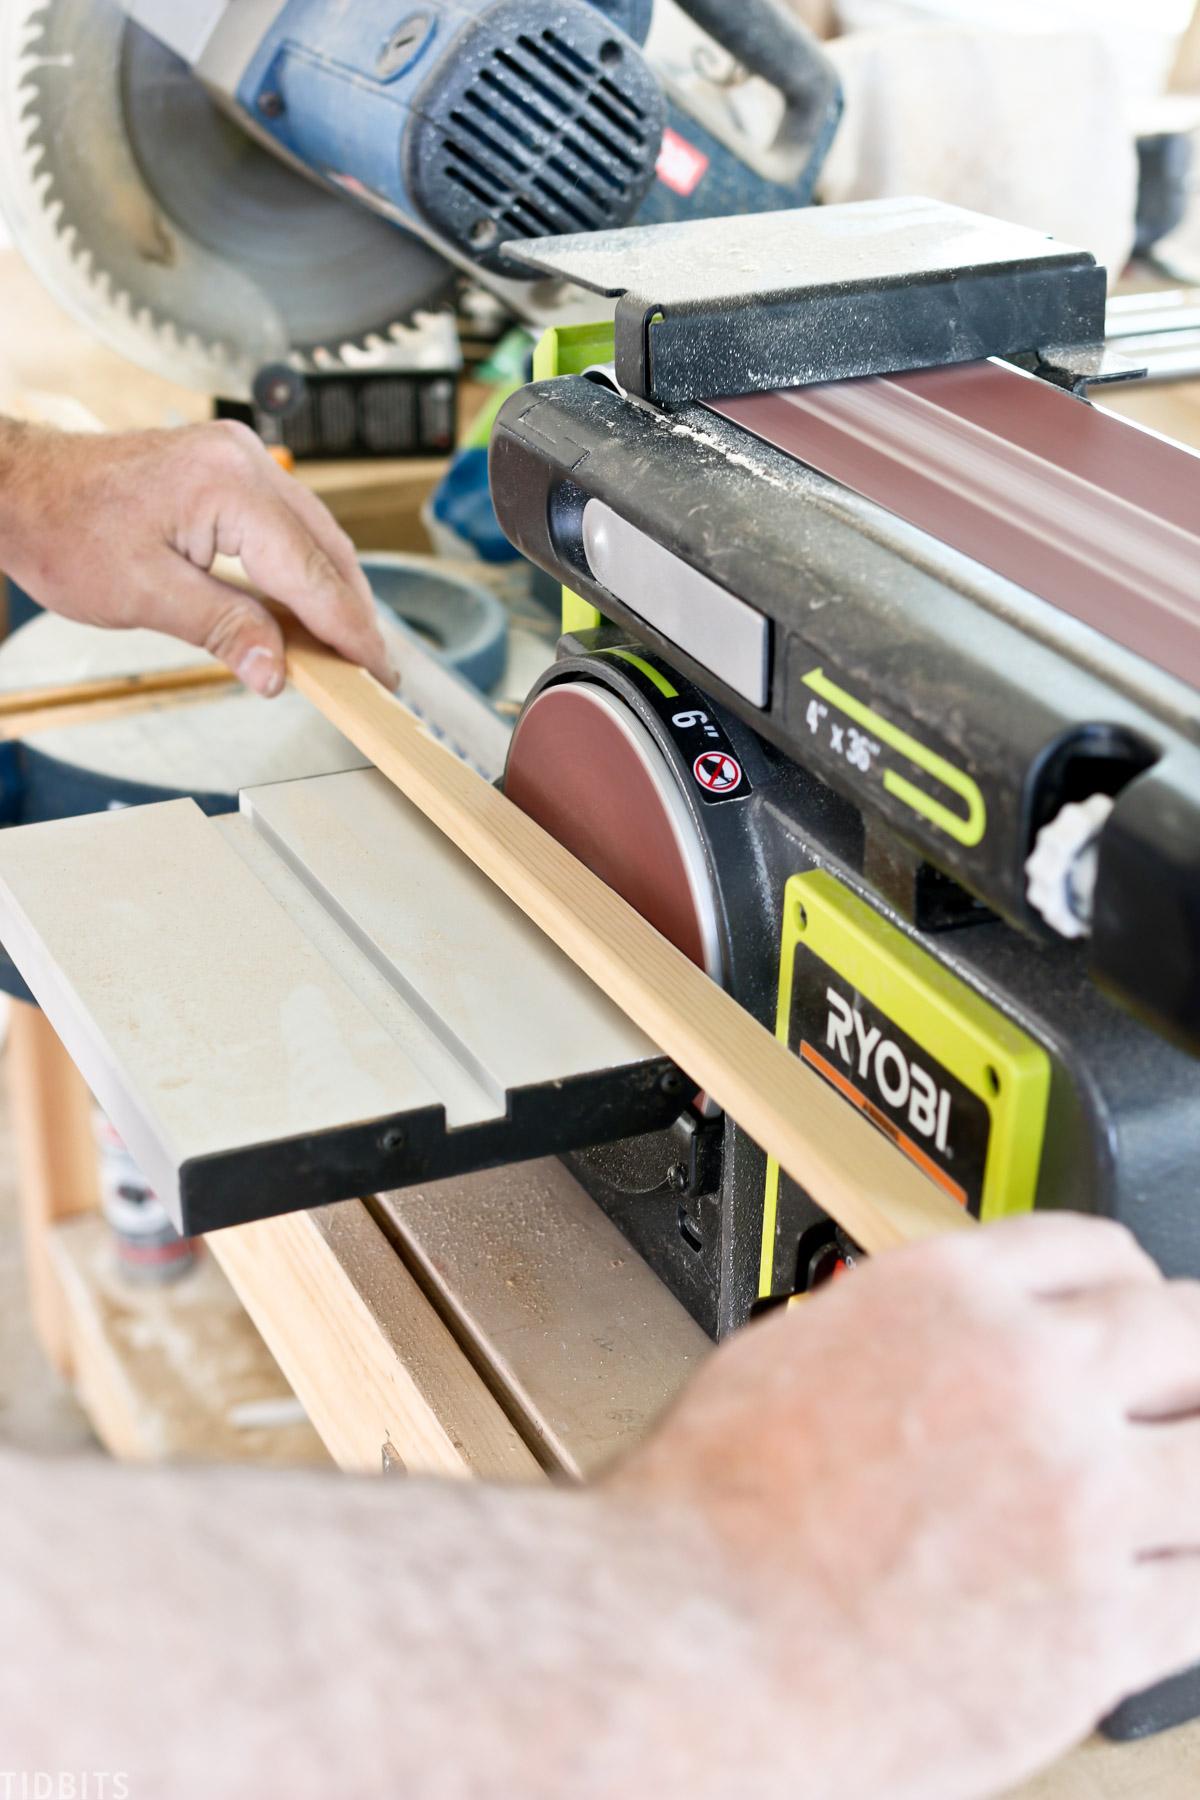 Sanding custom moulding for millwork.